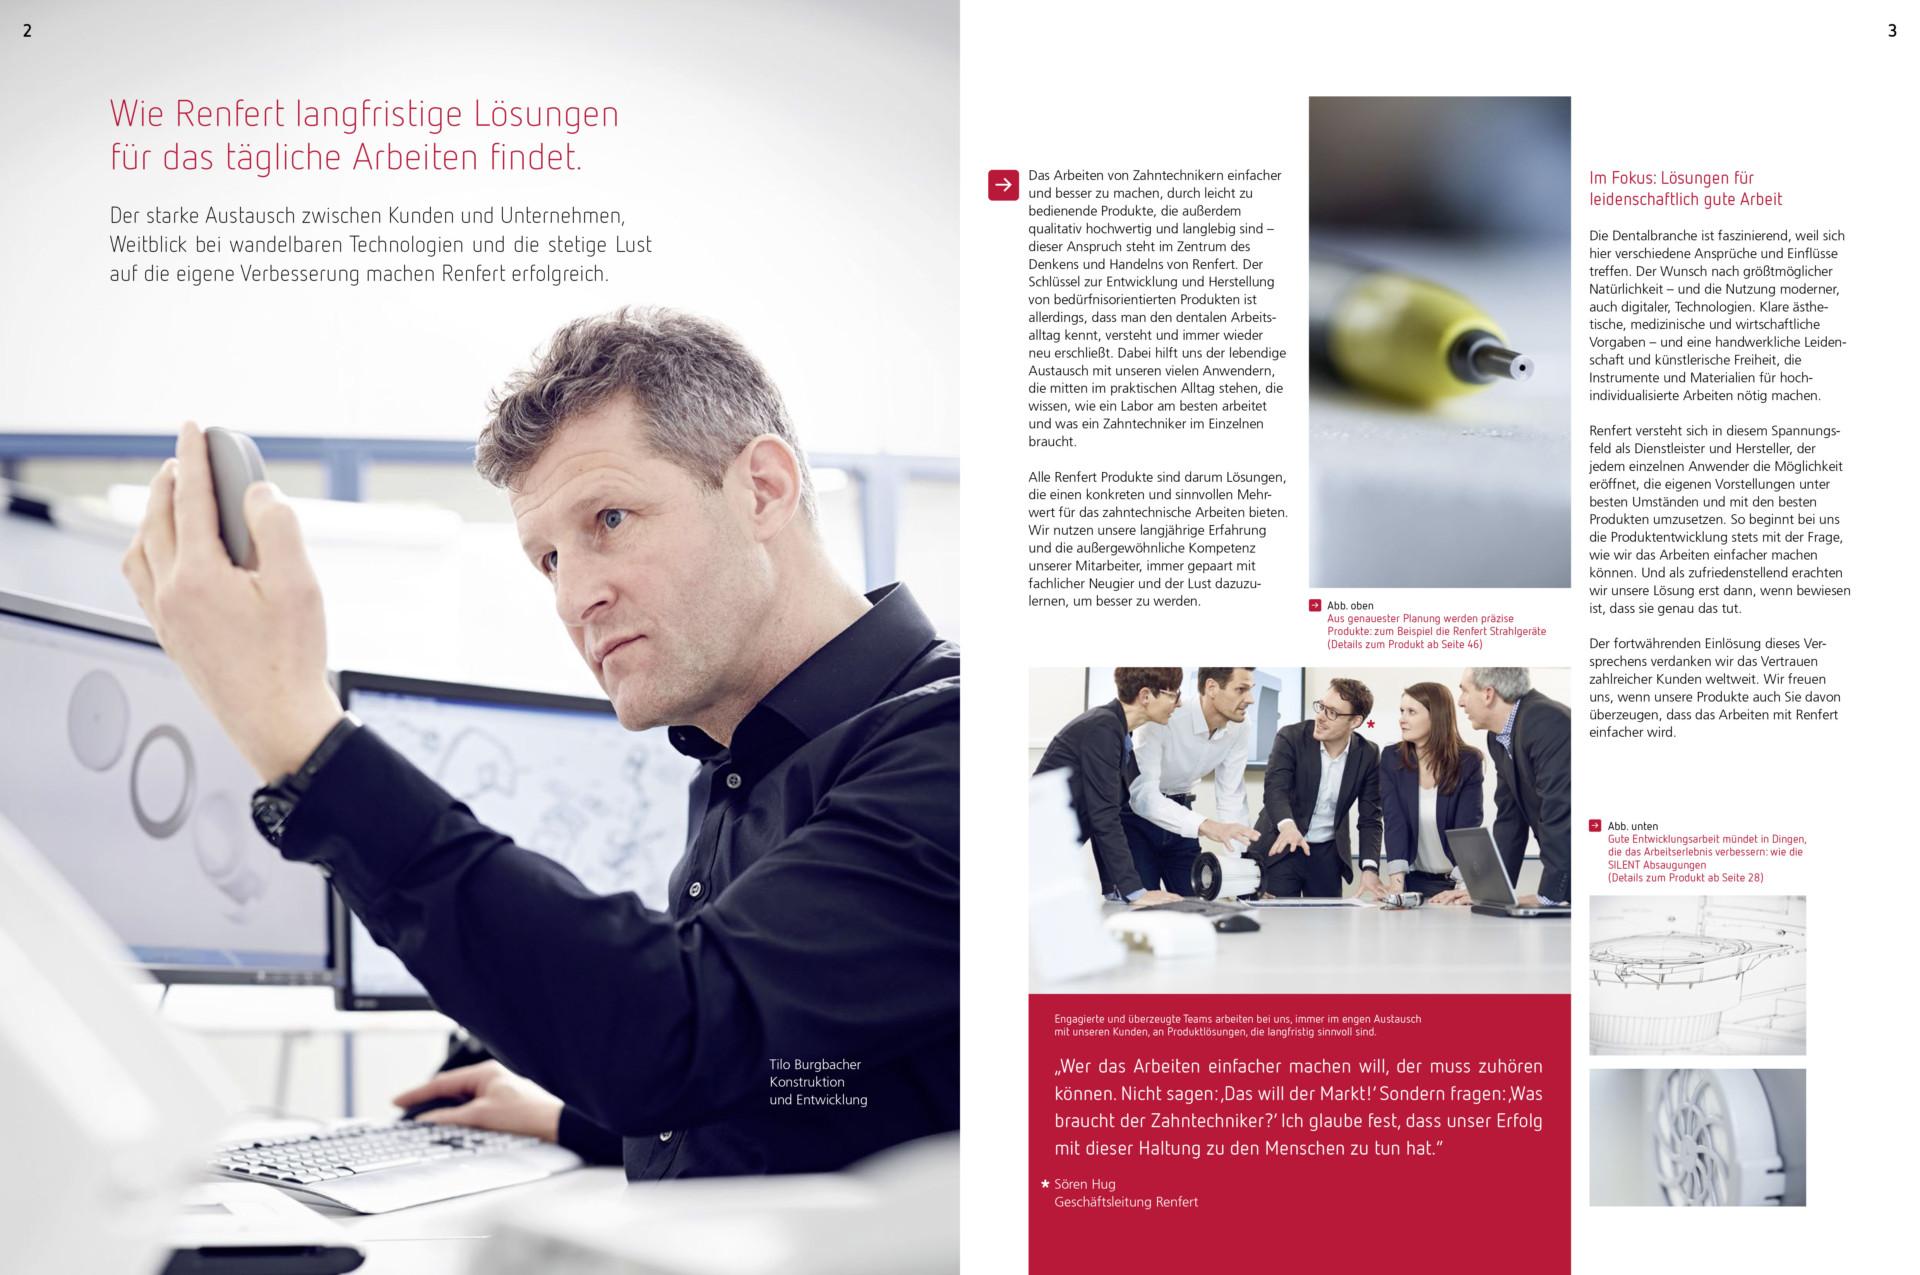 Martin Maier Photography (BFF-Professional) Renfert Katalog: Imageteil